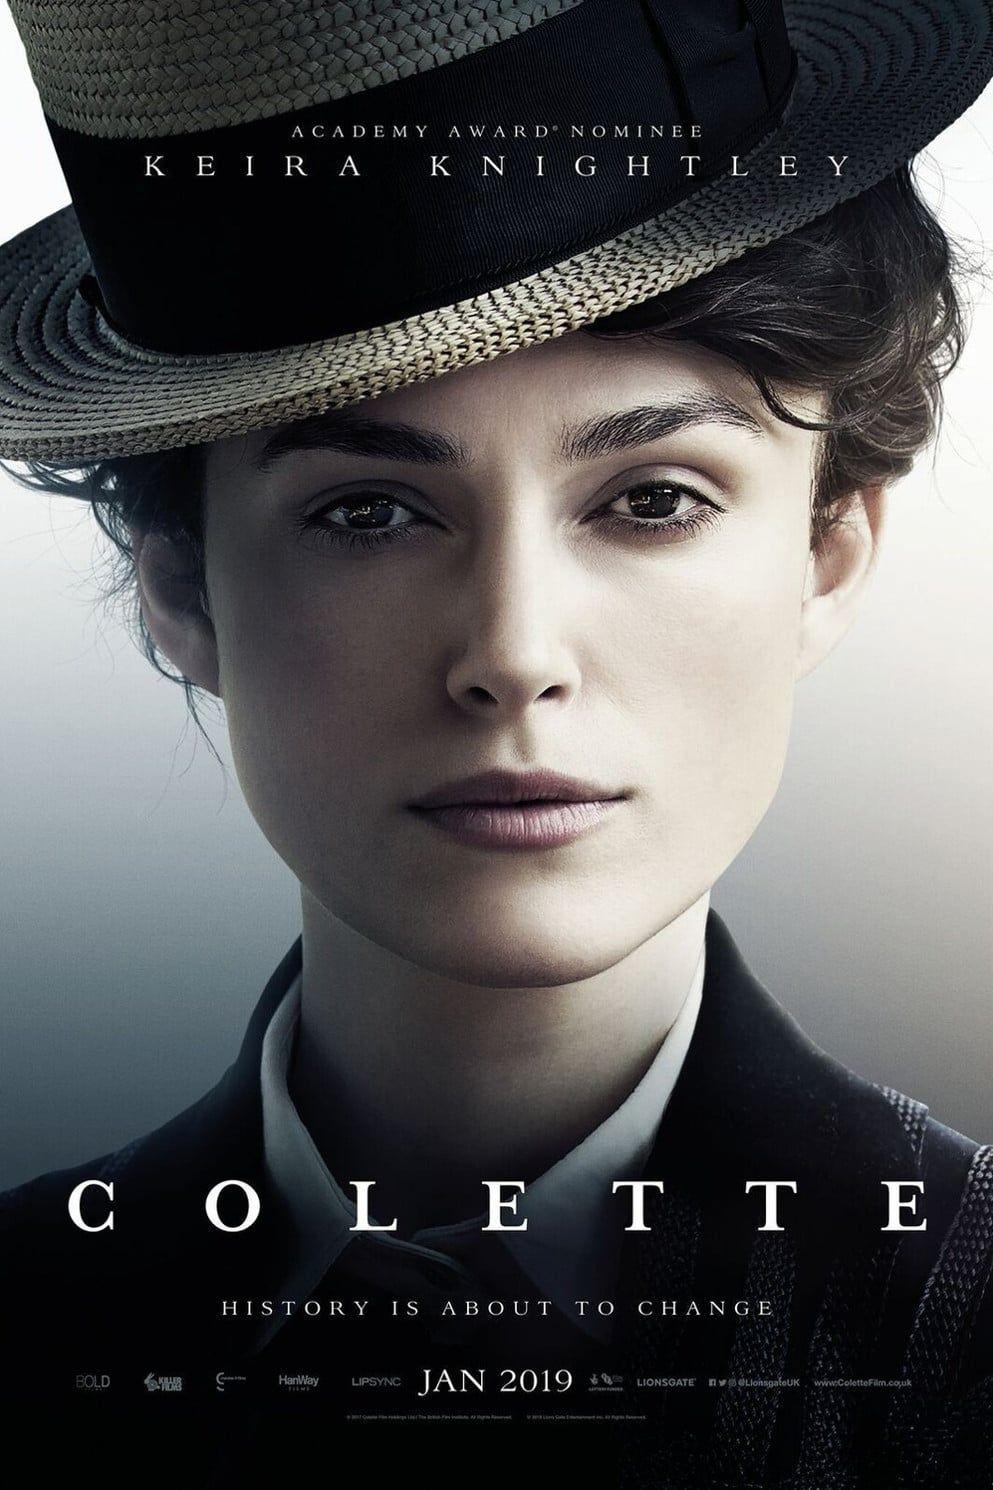 Film En Streaming Complet Gratuit Vf Coco Chanel